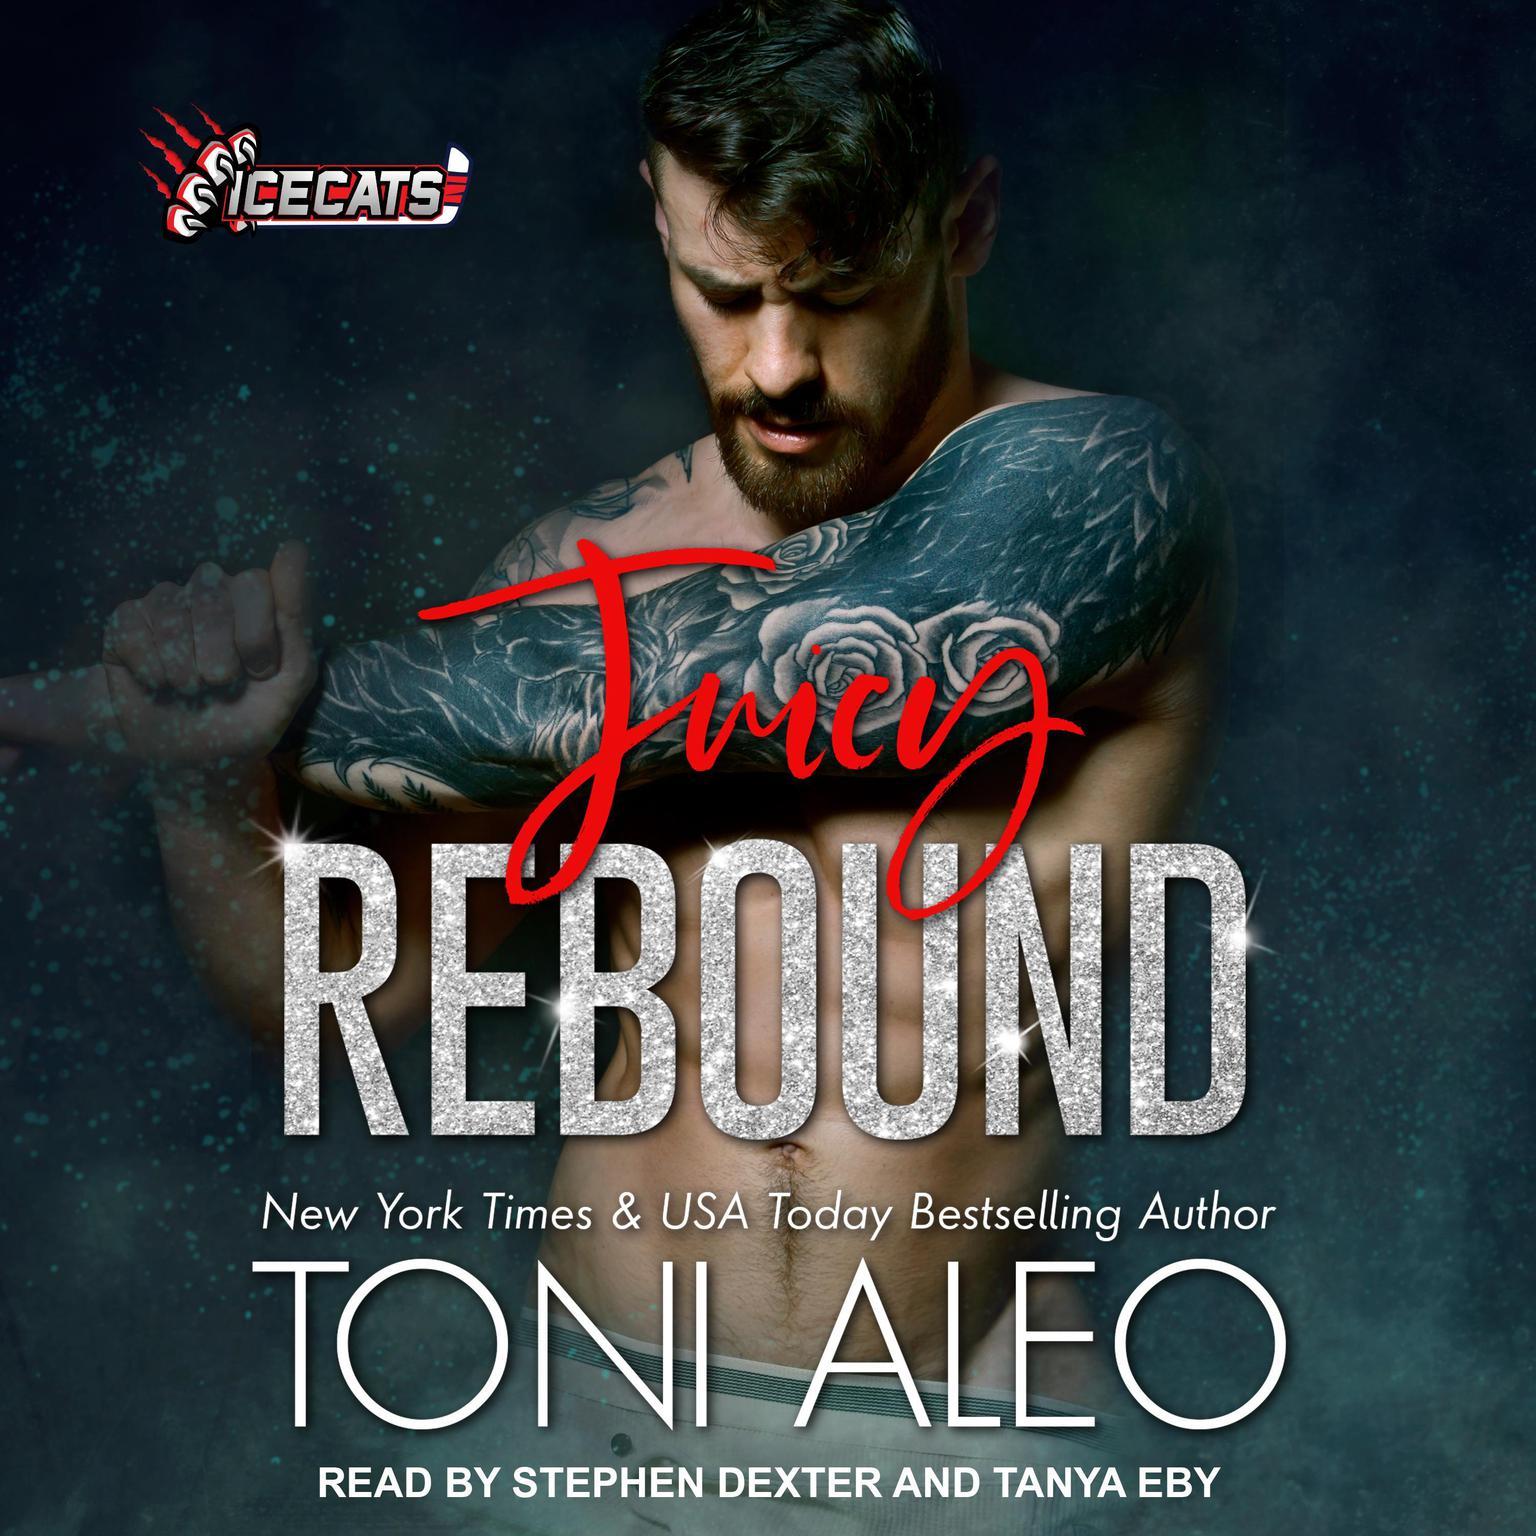 Printable Juicy Rebound Audiobook Cover Art